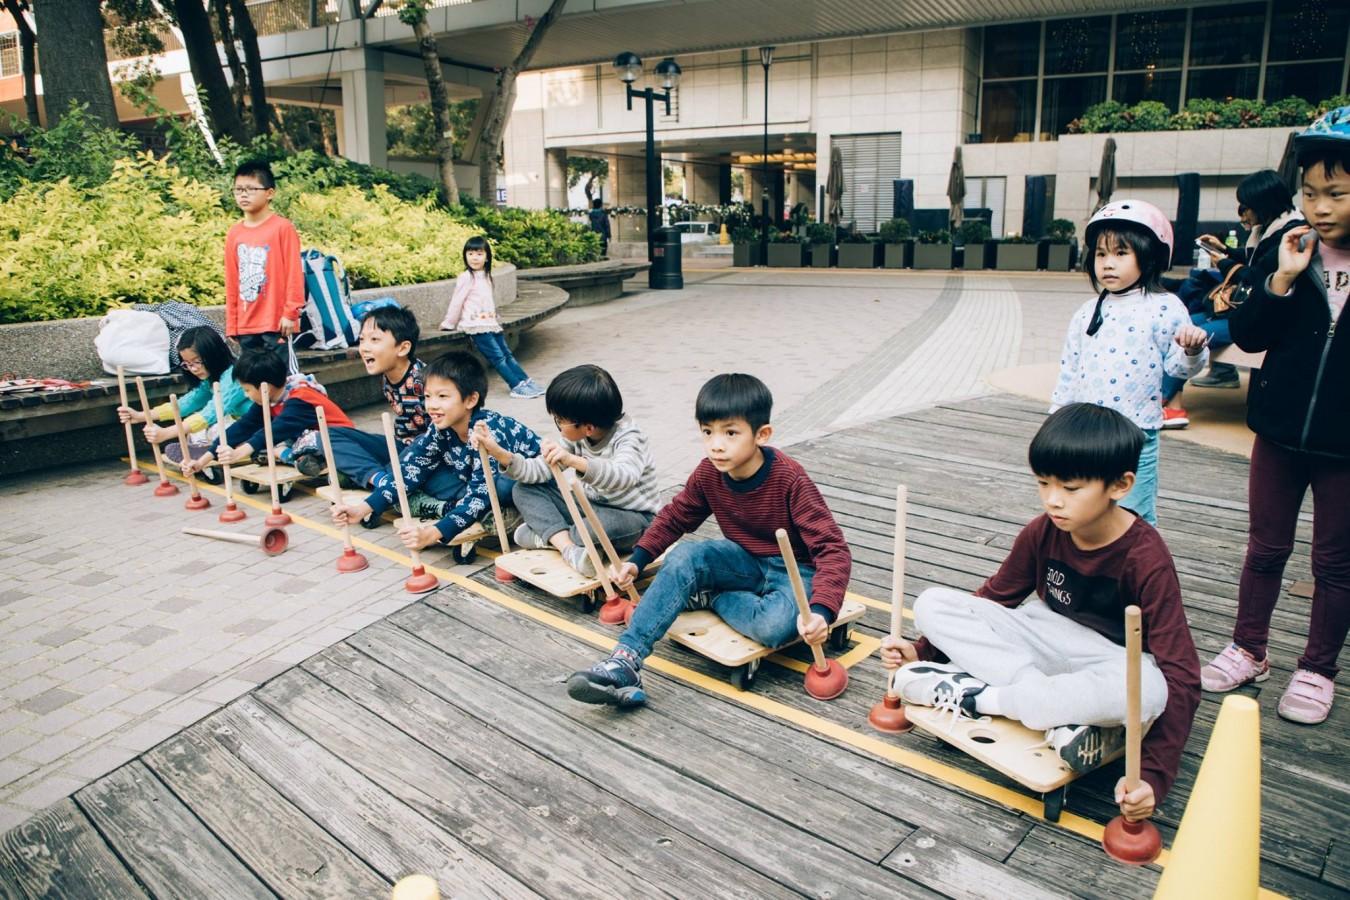 北區小哲社區遊戲日|約埋落街玩低智能卡板車(9月23日)